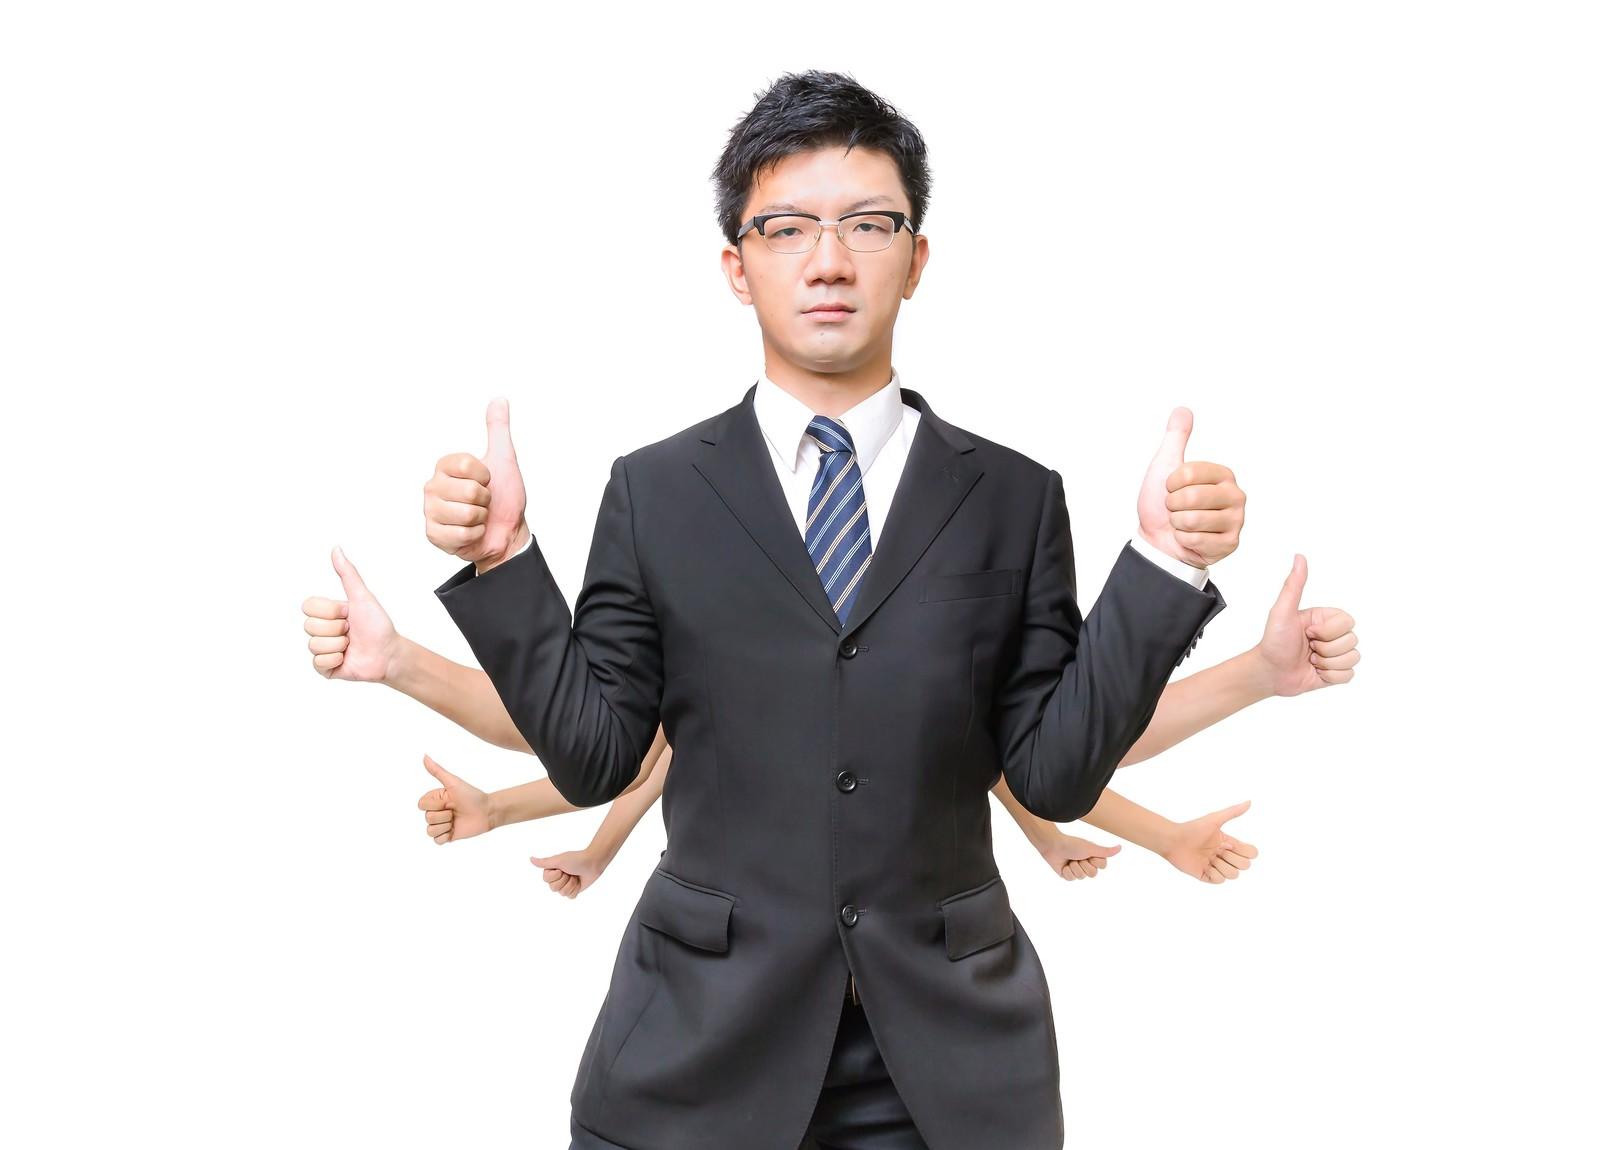 採用は準備で決まる!履歴書を10枚書いておくと有利になる理由